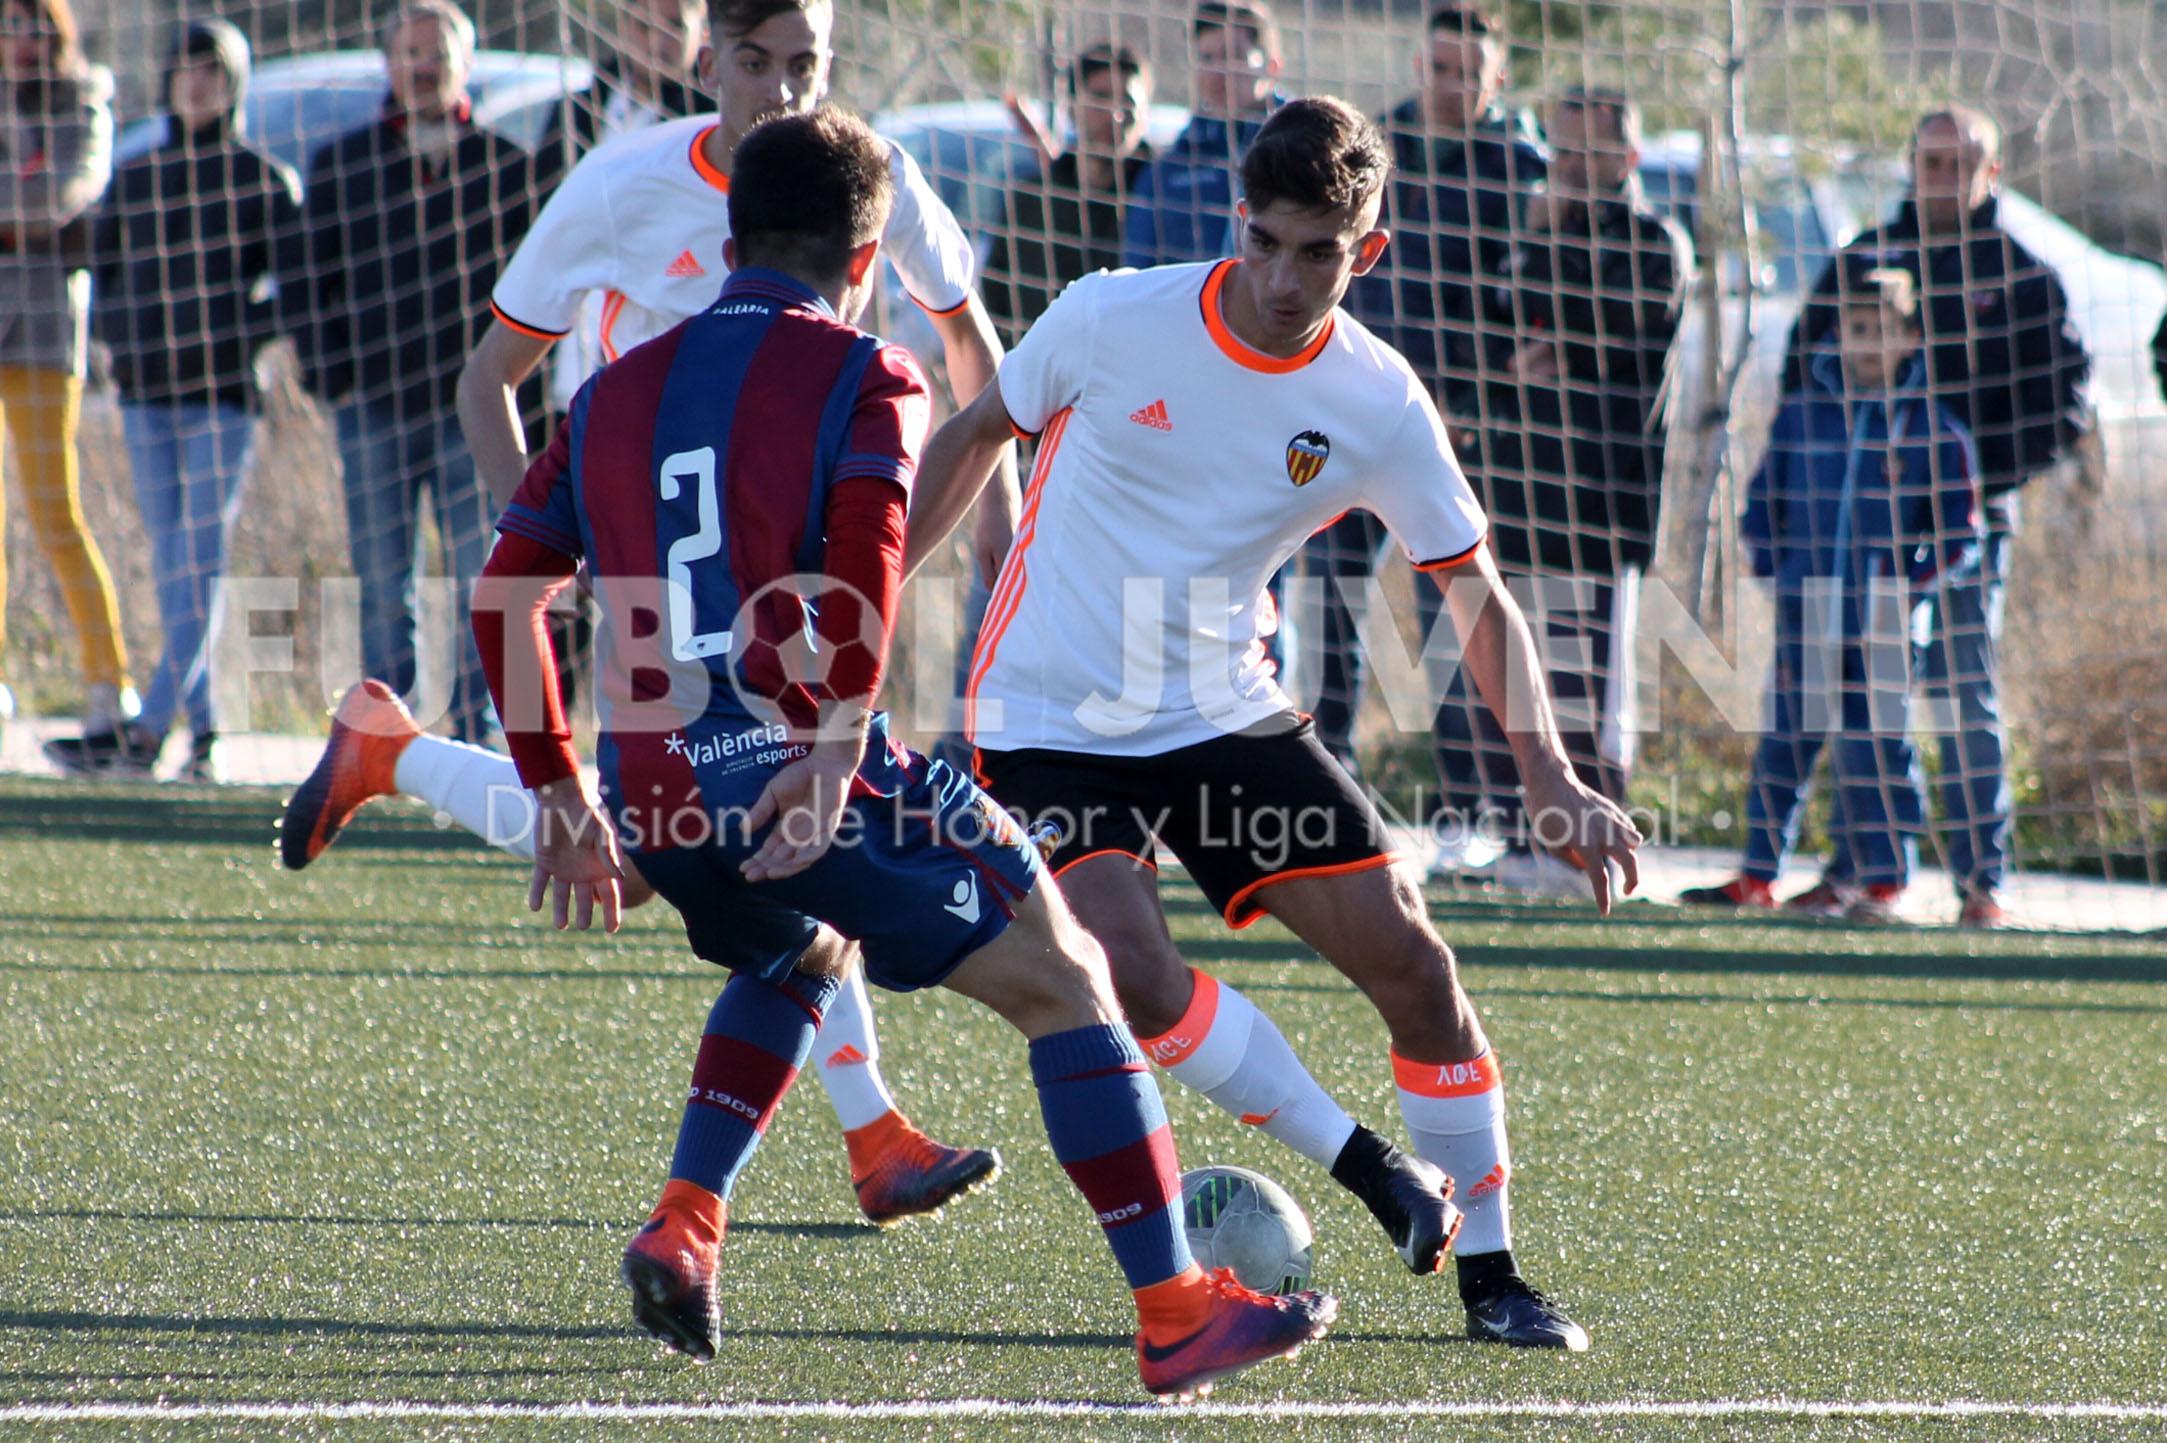 La Fecha M S Esperada Del F Tbol Draft F Tbol Juvenil F Tbol  # Muebles Pique Lleida